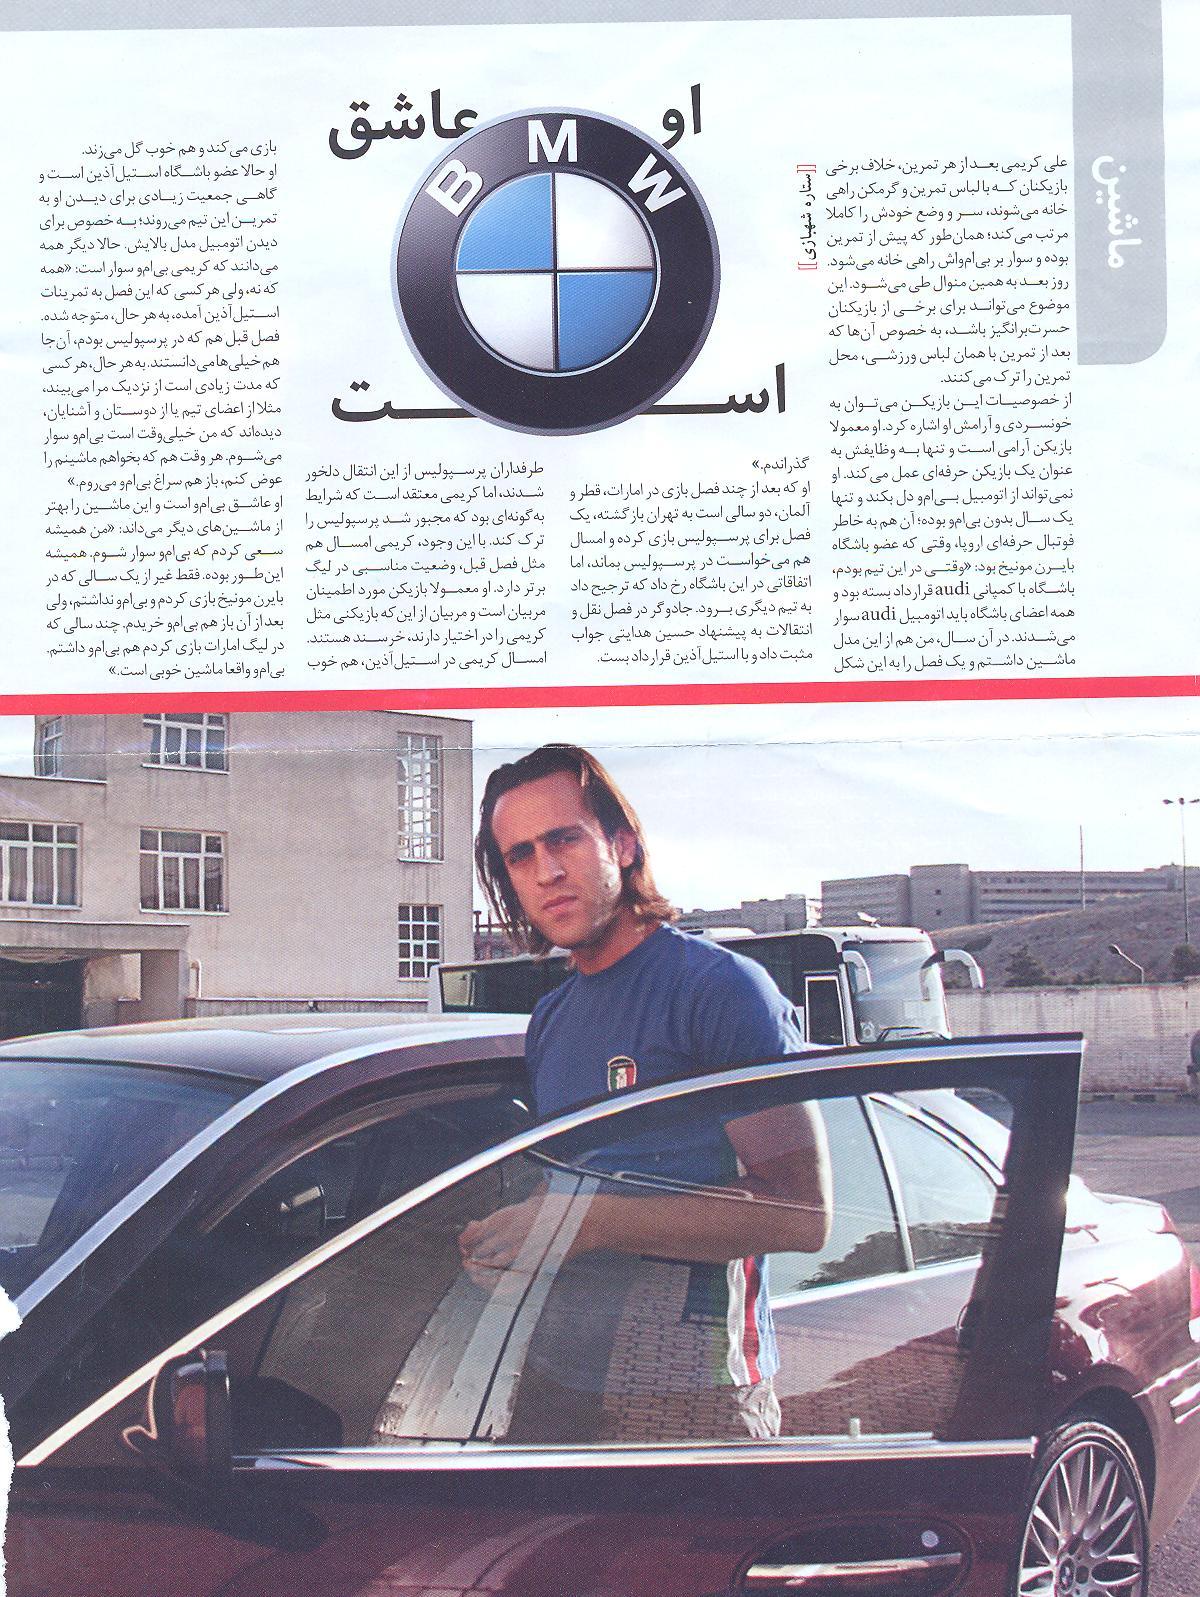 صفحه ای از یک رنگین نامه تبلیغاتی در وصف یک فوتبالیست